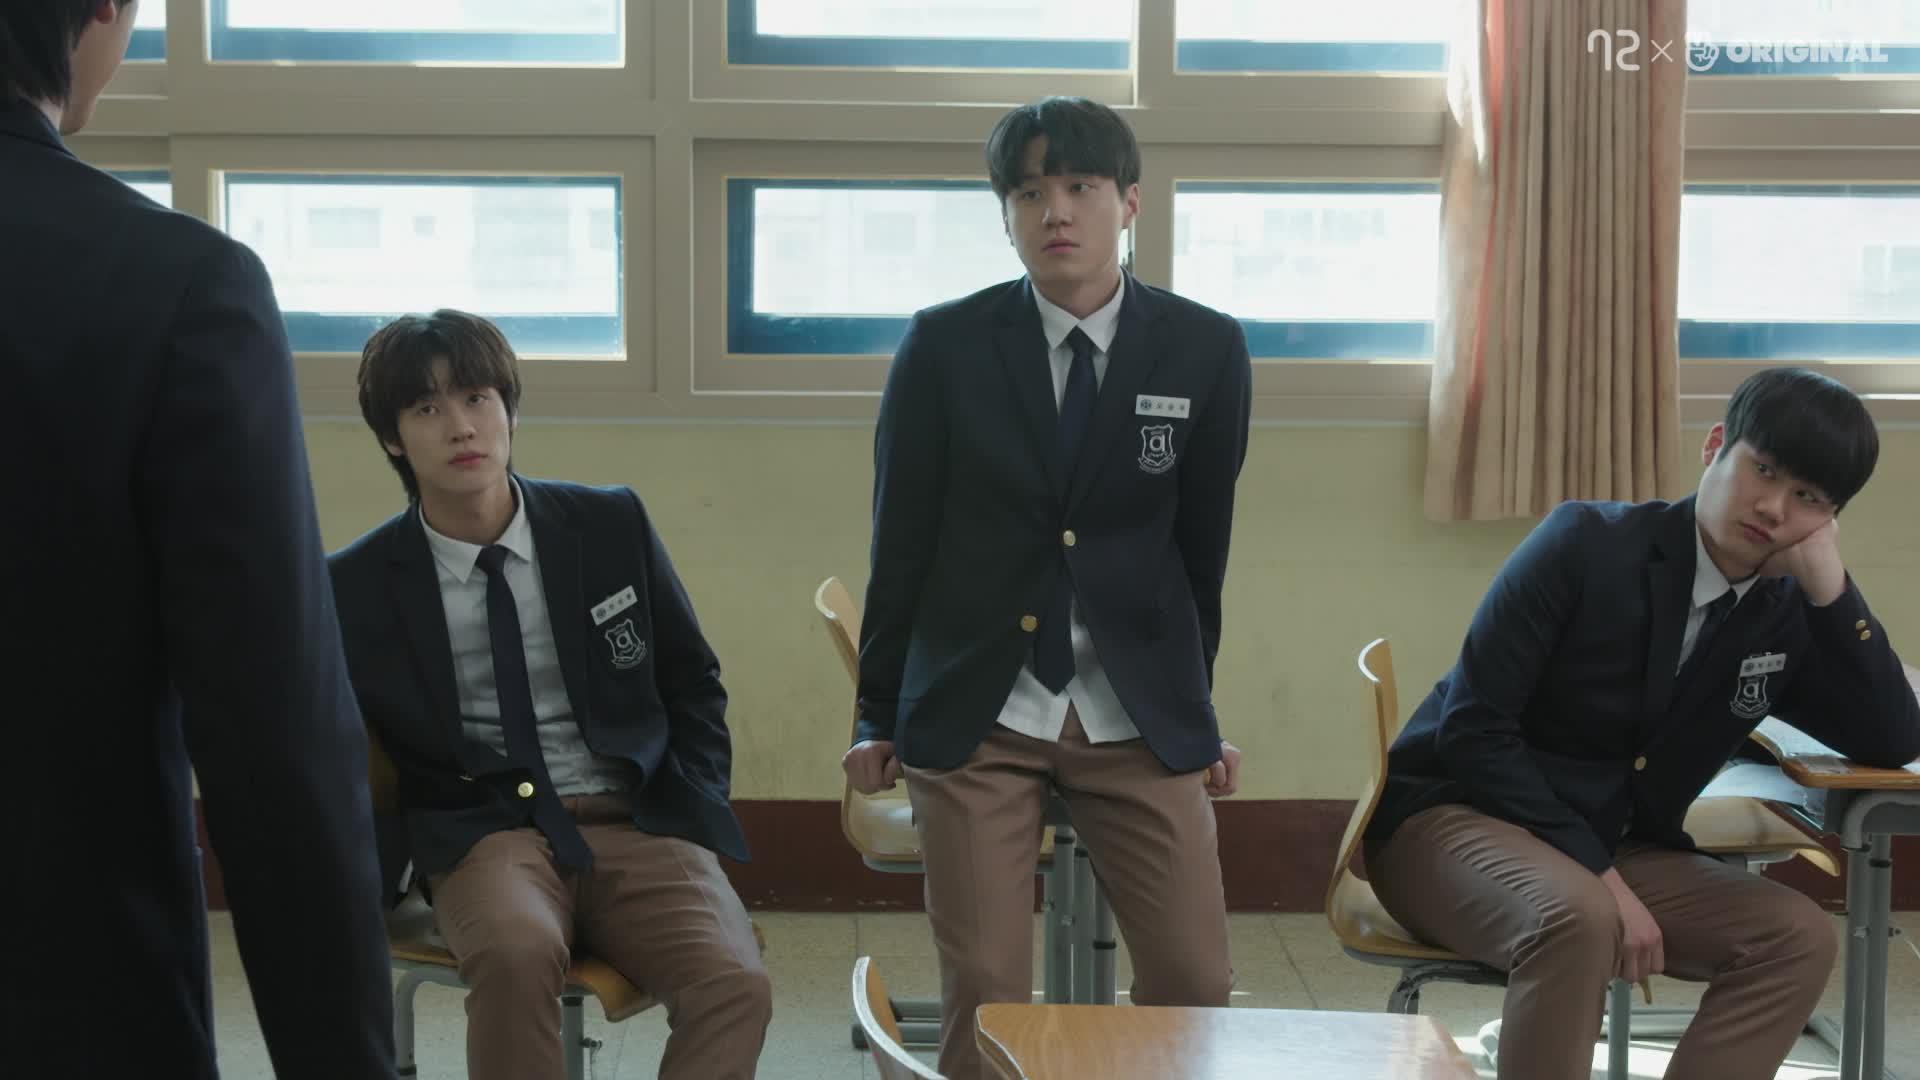 대환장 청소시간 - <아.남.행> CHAPTER4.청소시간 All-Boys High